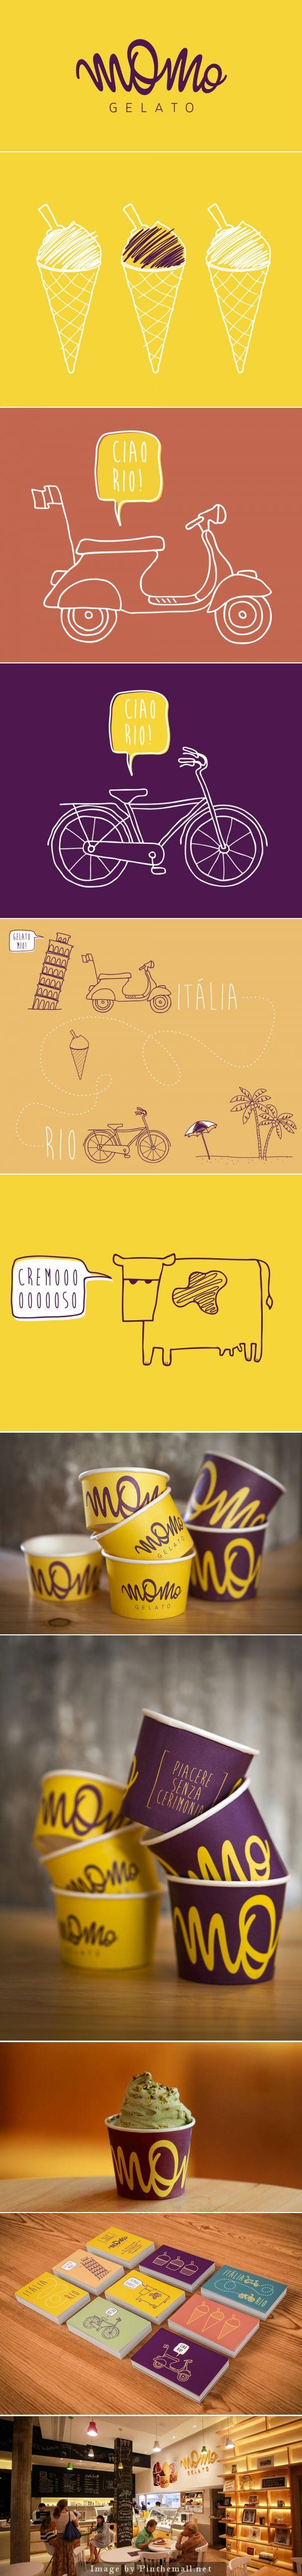 mas helados para nuestro muro y son marca momo